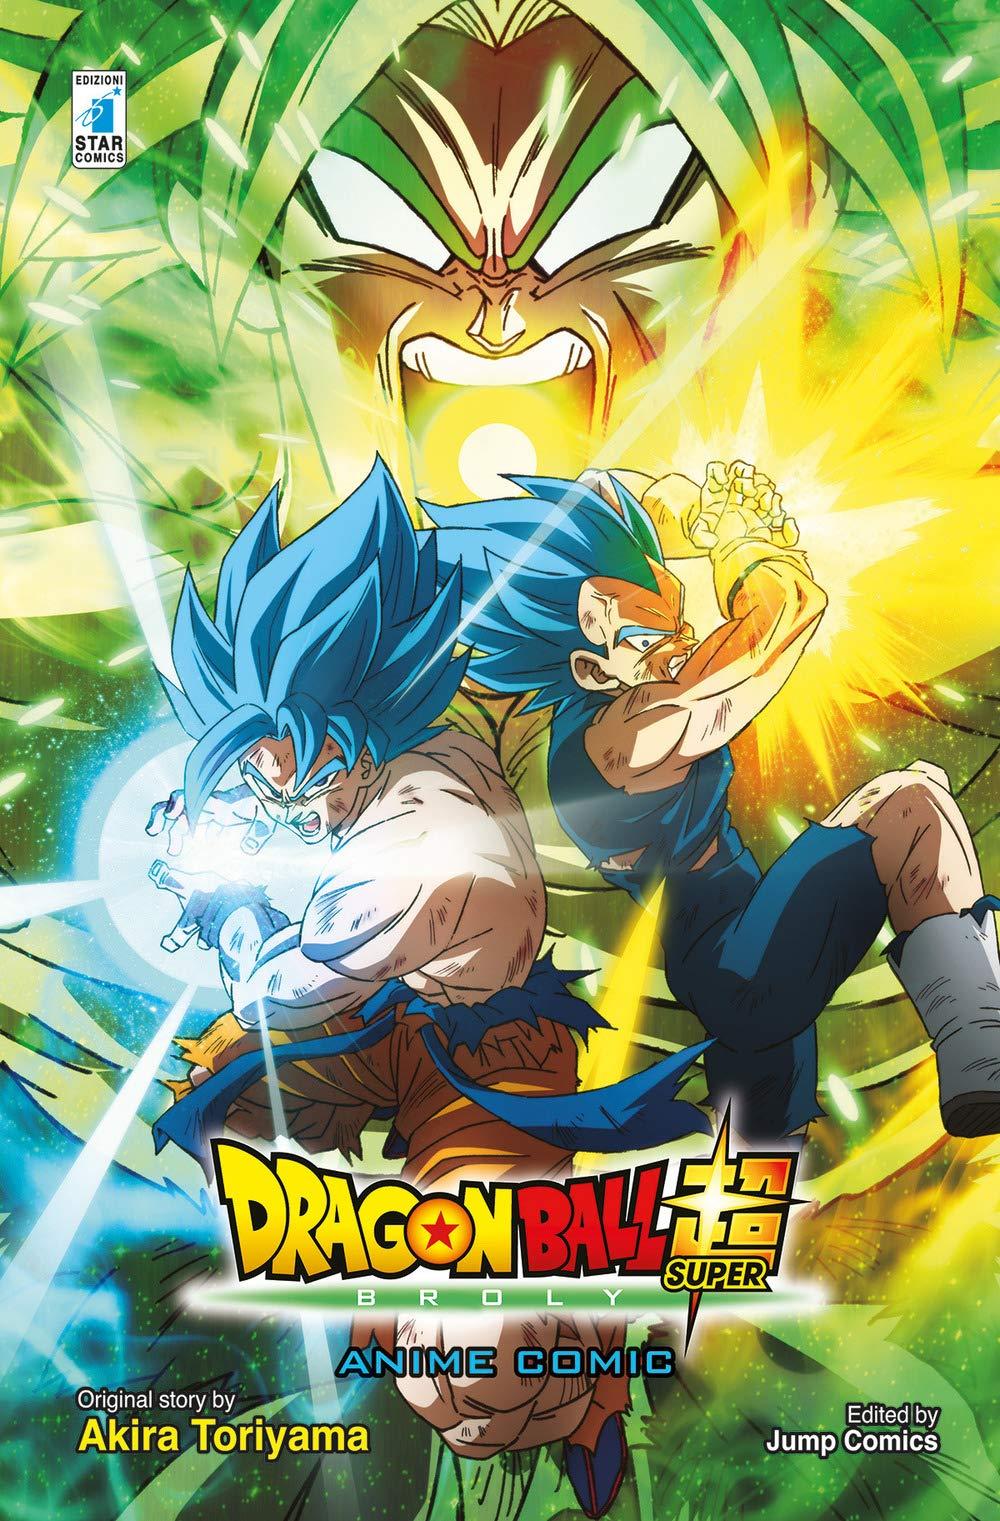 Dragon Ball Super: Broly - Anime Comics